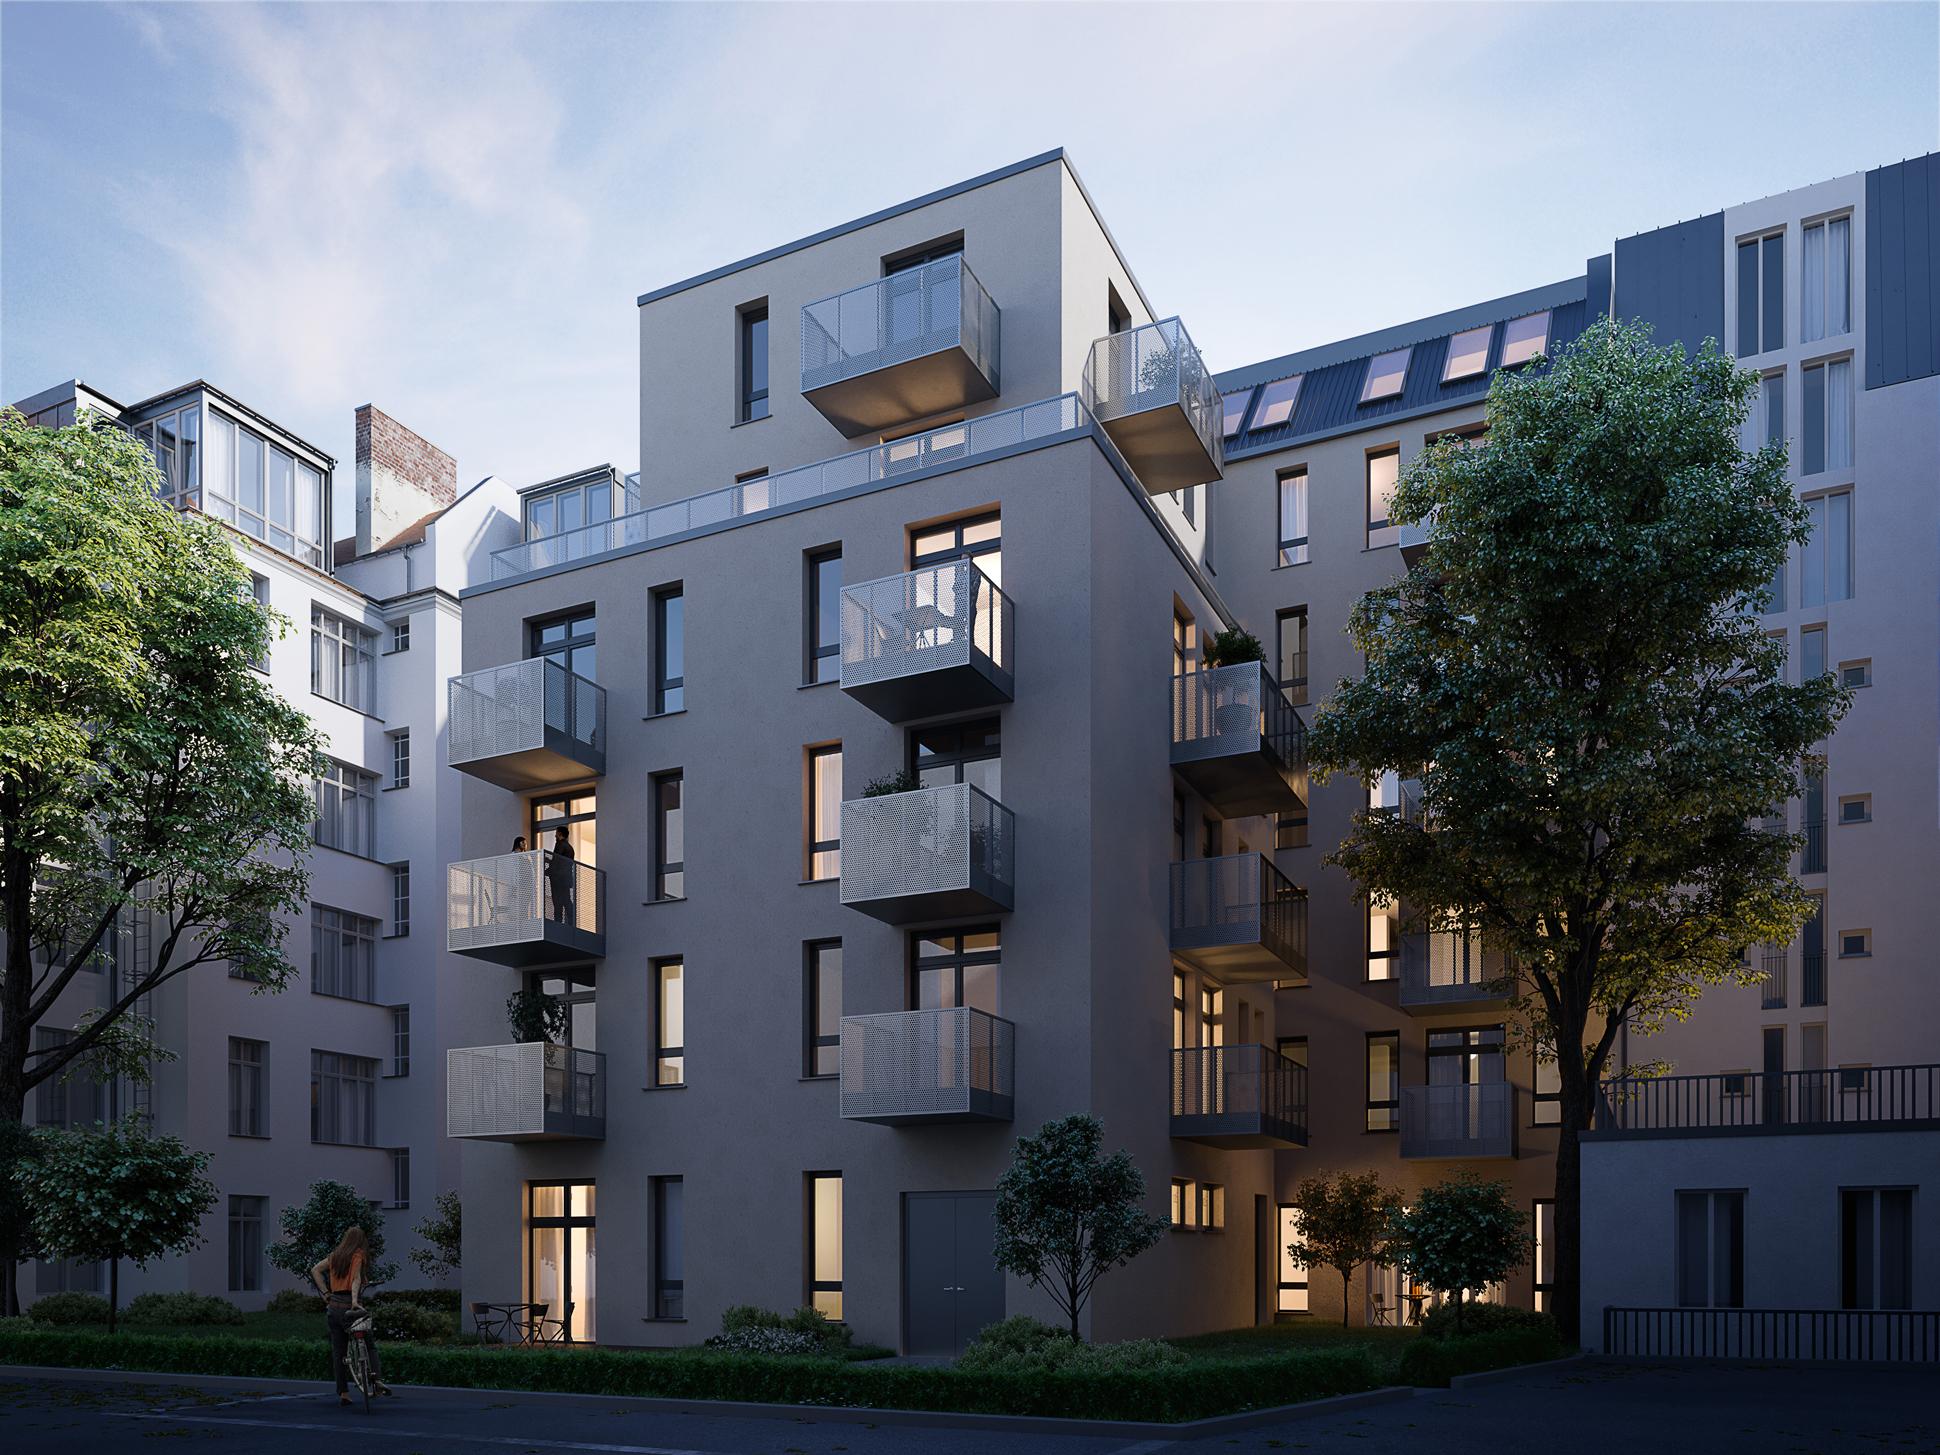 Lietzenburger strasse architekturvisualisierung xoio - Architekturvisualisierung berlin ...